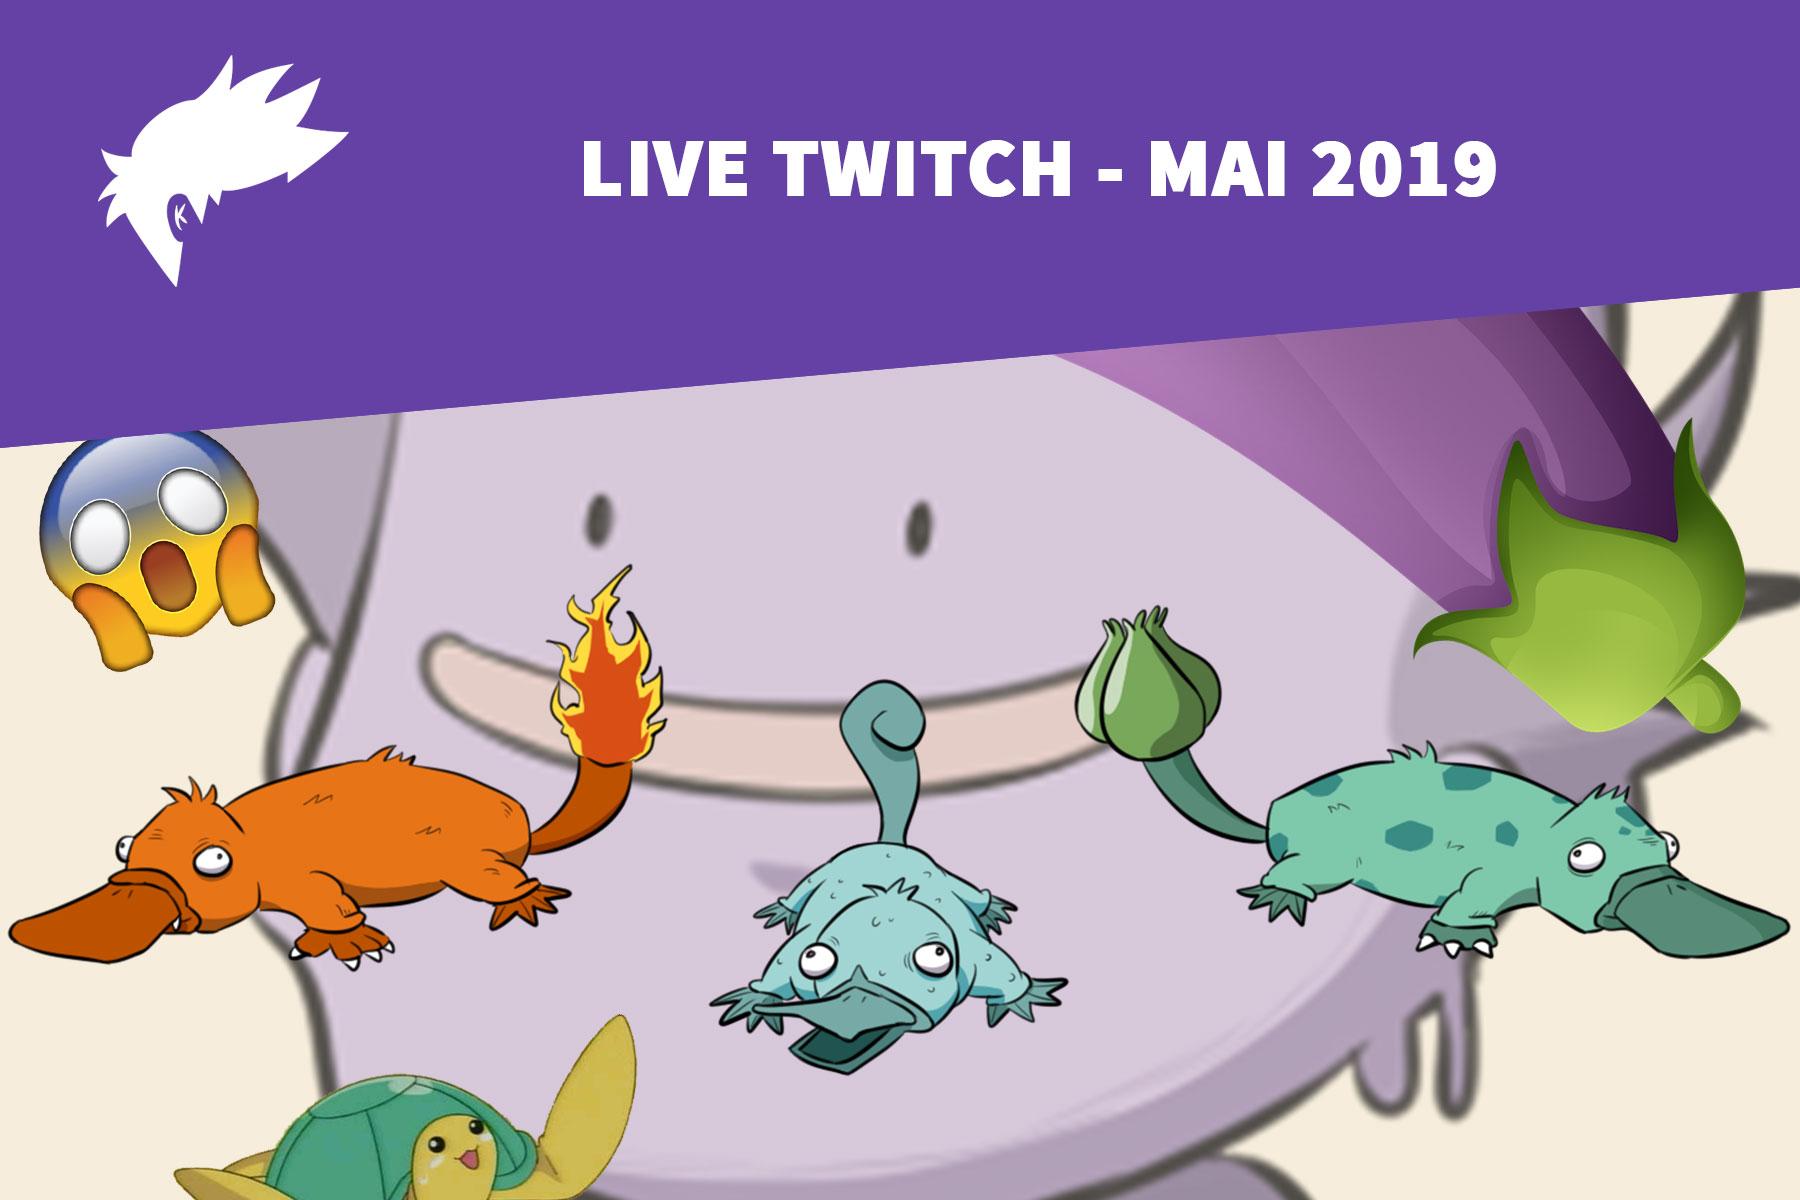 Live Twitch – Mai 2019